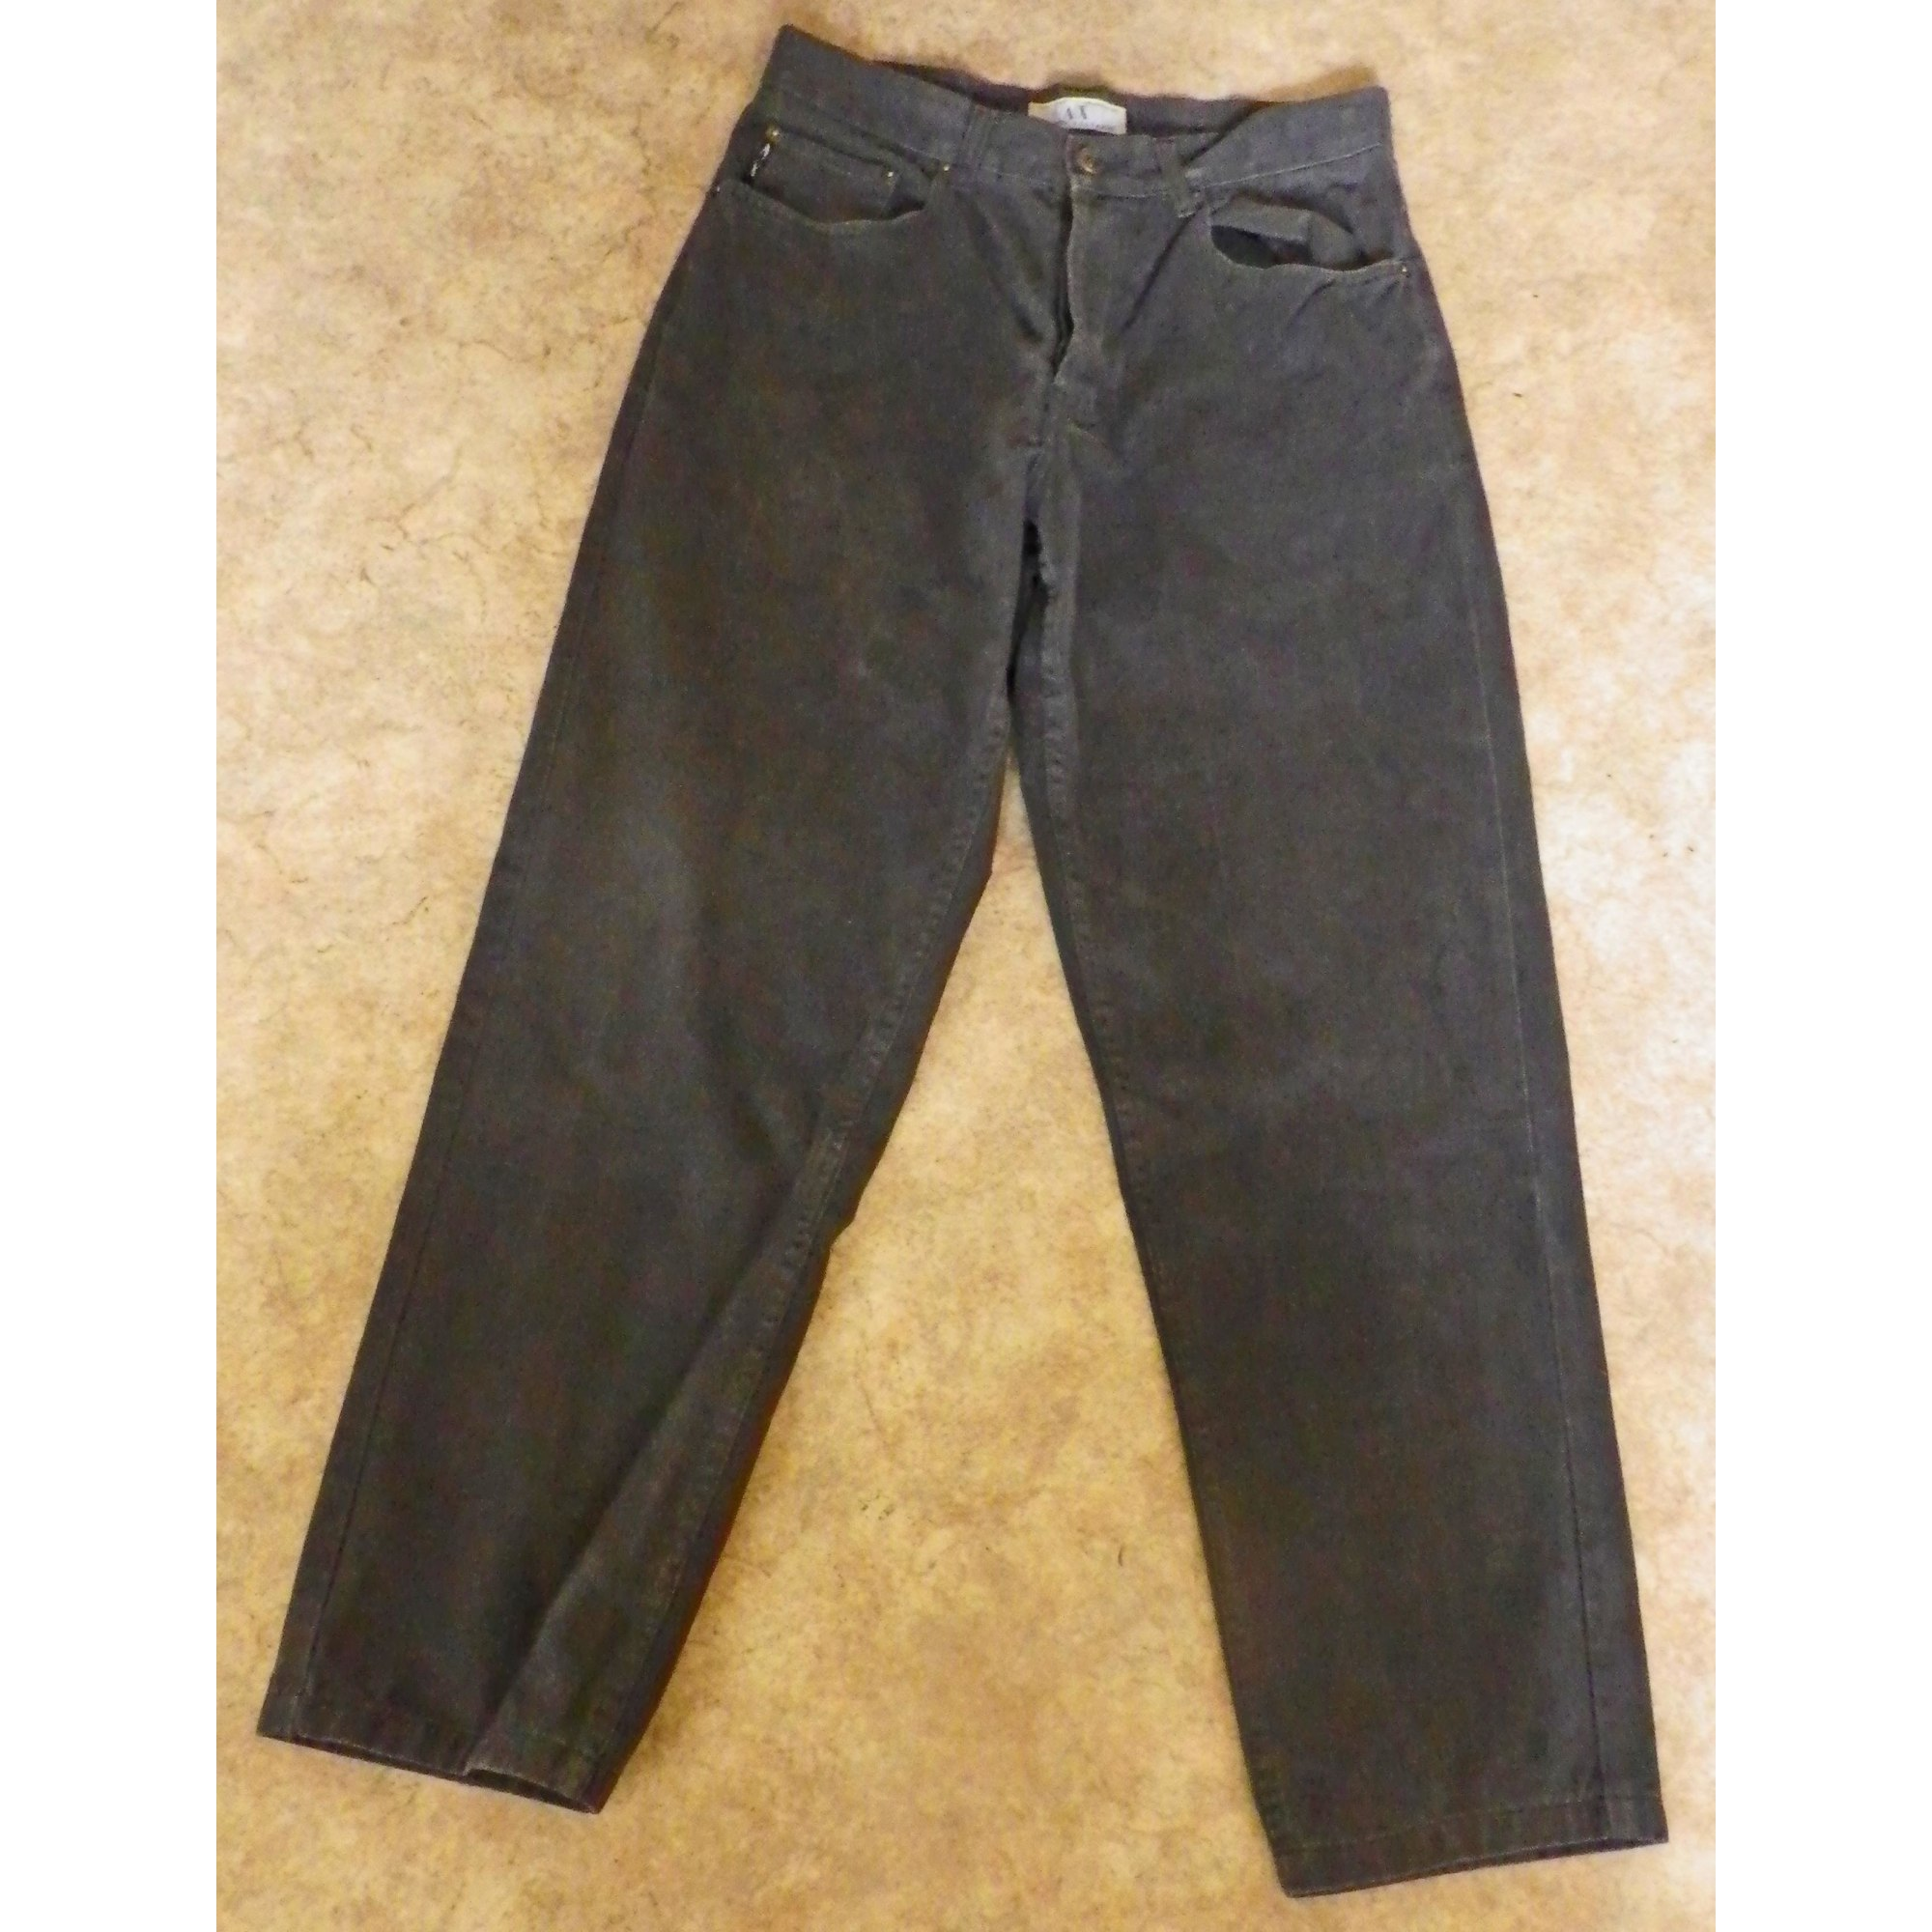 Jeans droit ARMANI EXCHANGE Gris, anthracite